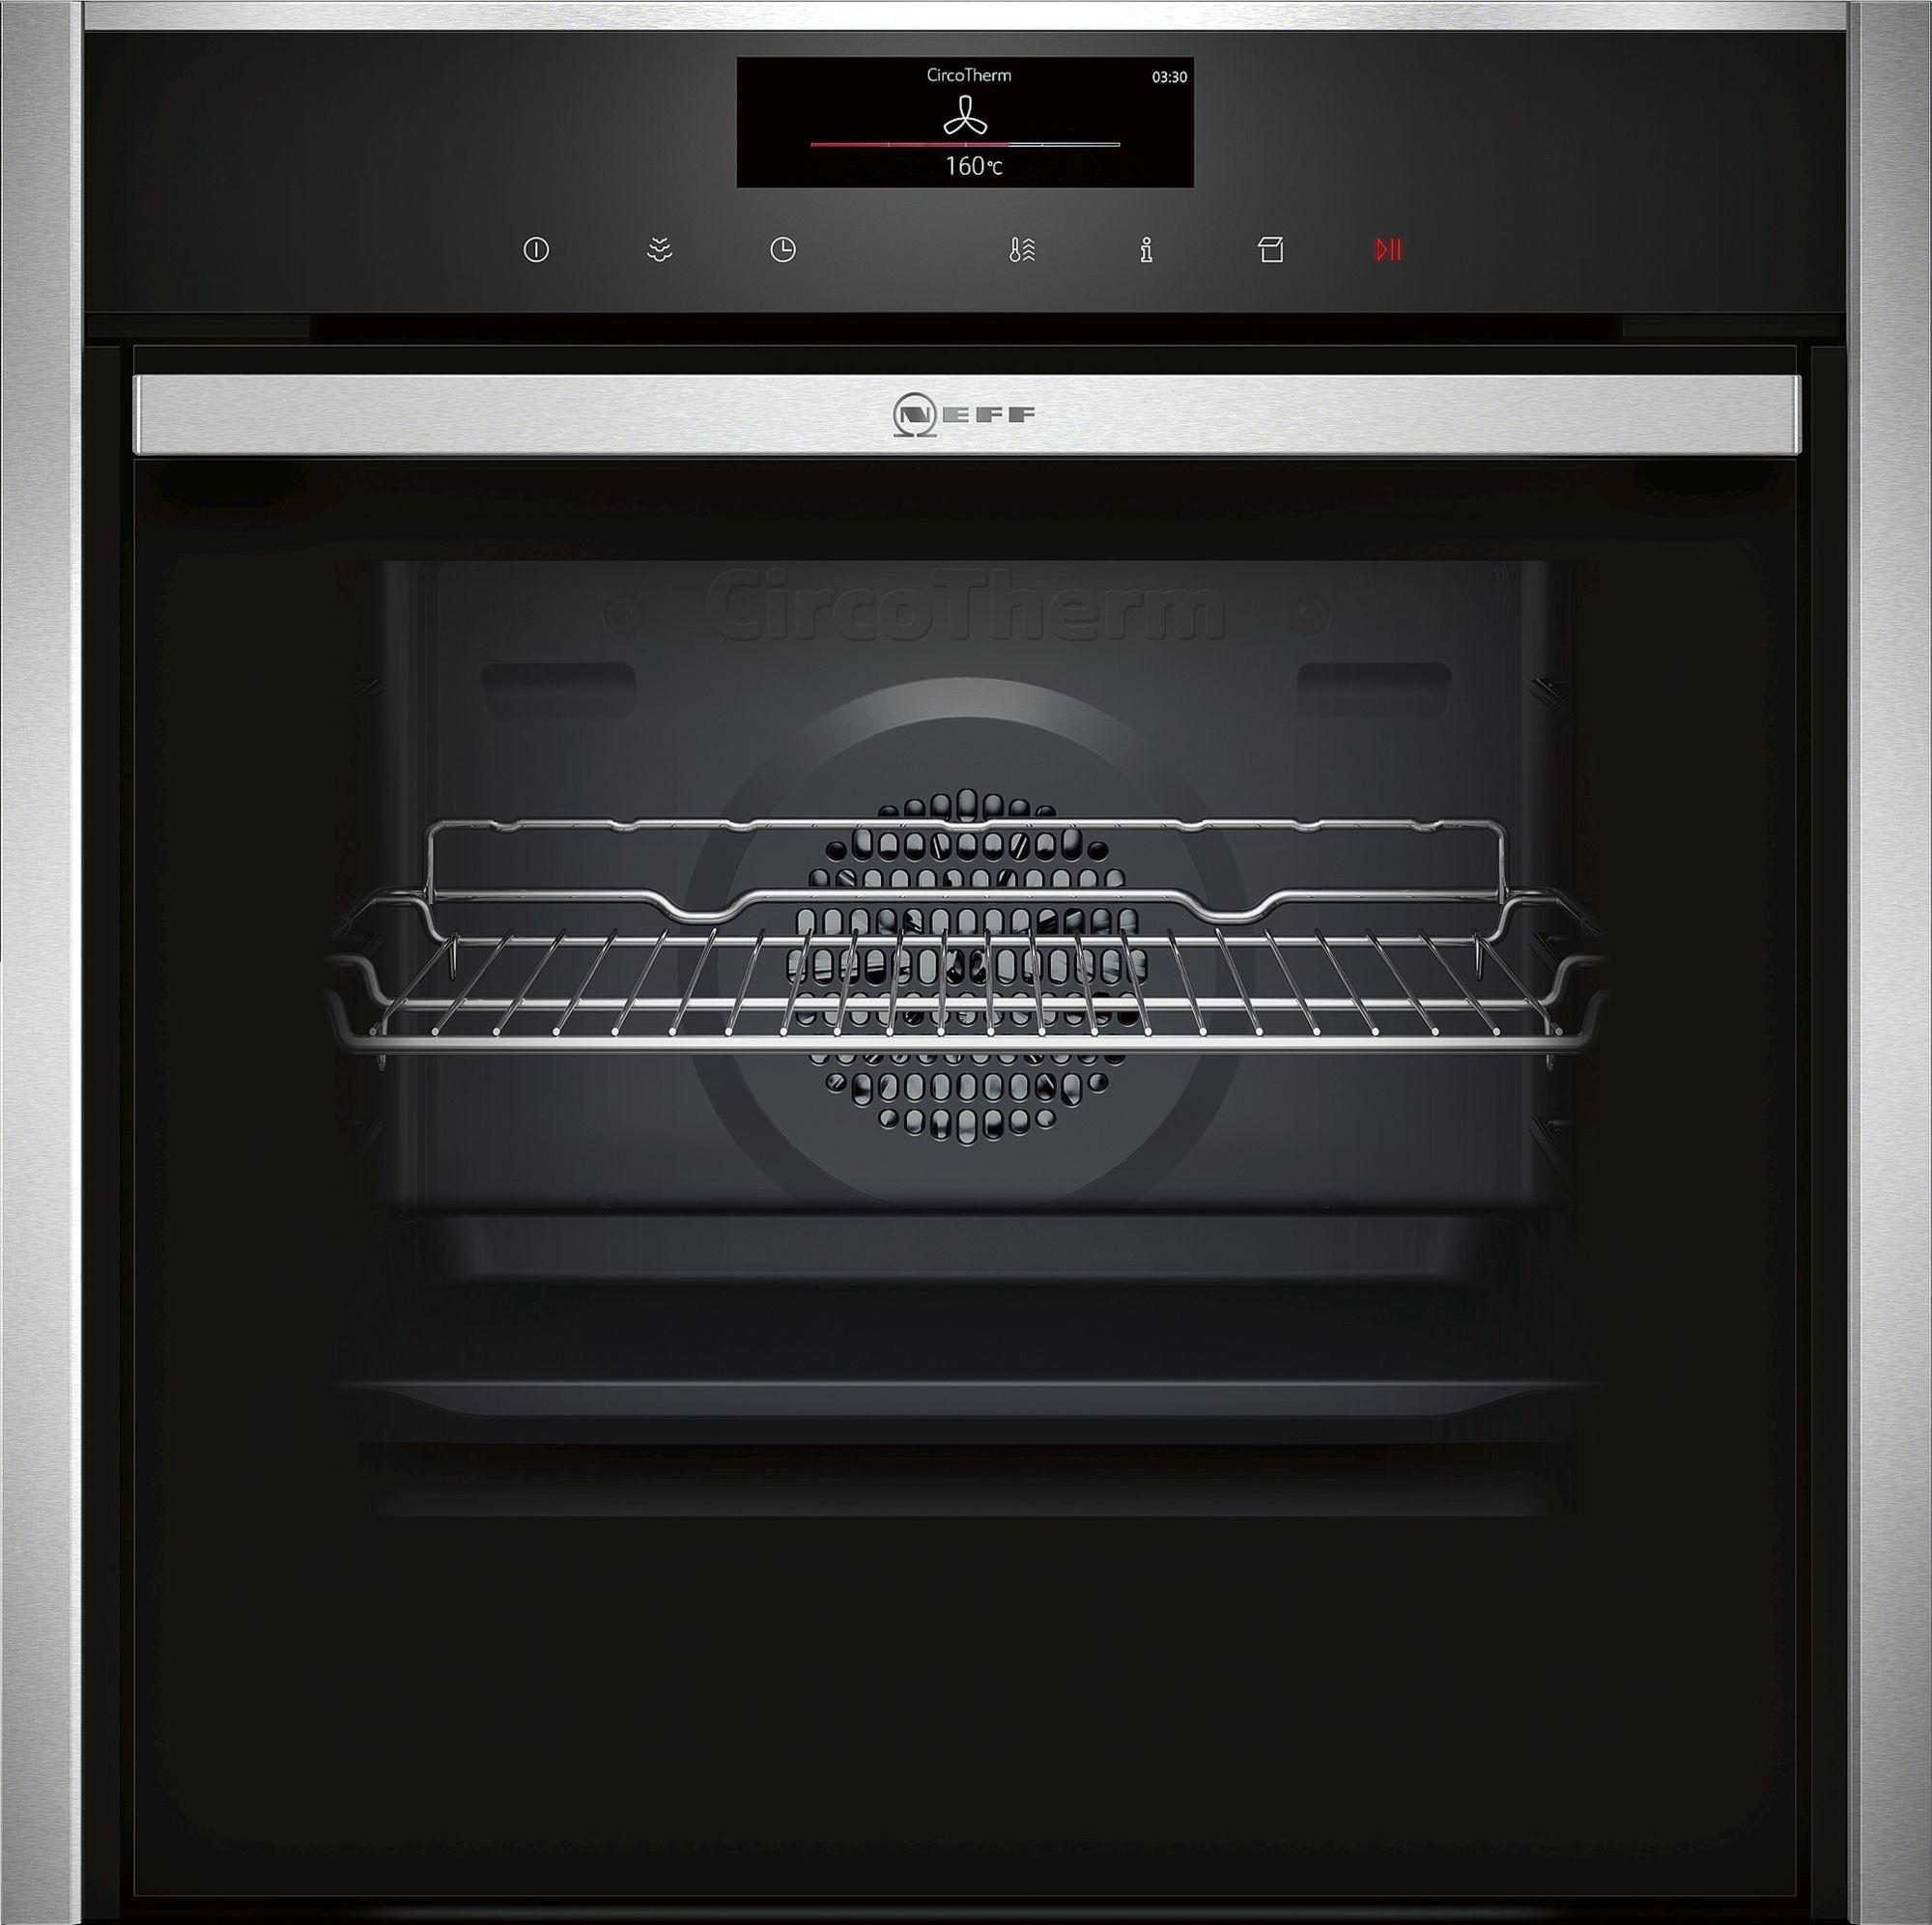 Neff B58vt64n0 Built In Oven 2 035 00 Neff Https Bestbuycyprus Com Ovens Cooking 20485 Neff B58vt64n0 Built Steam Oven Stainless Steel Oven Single Oven